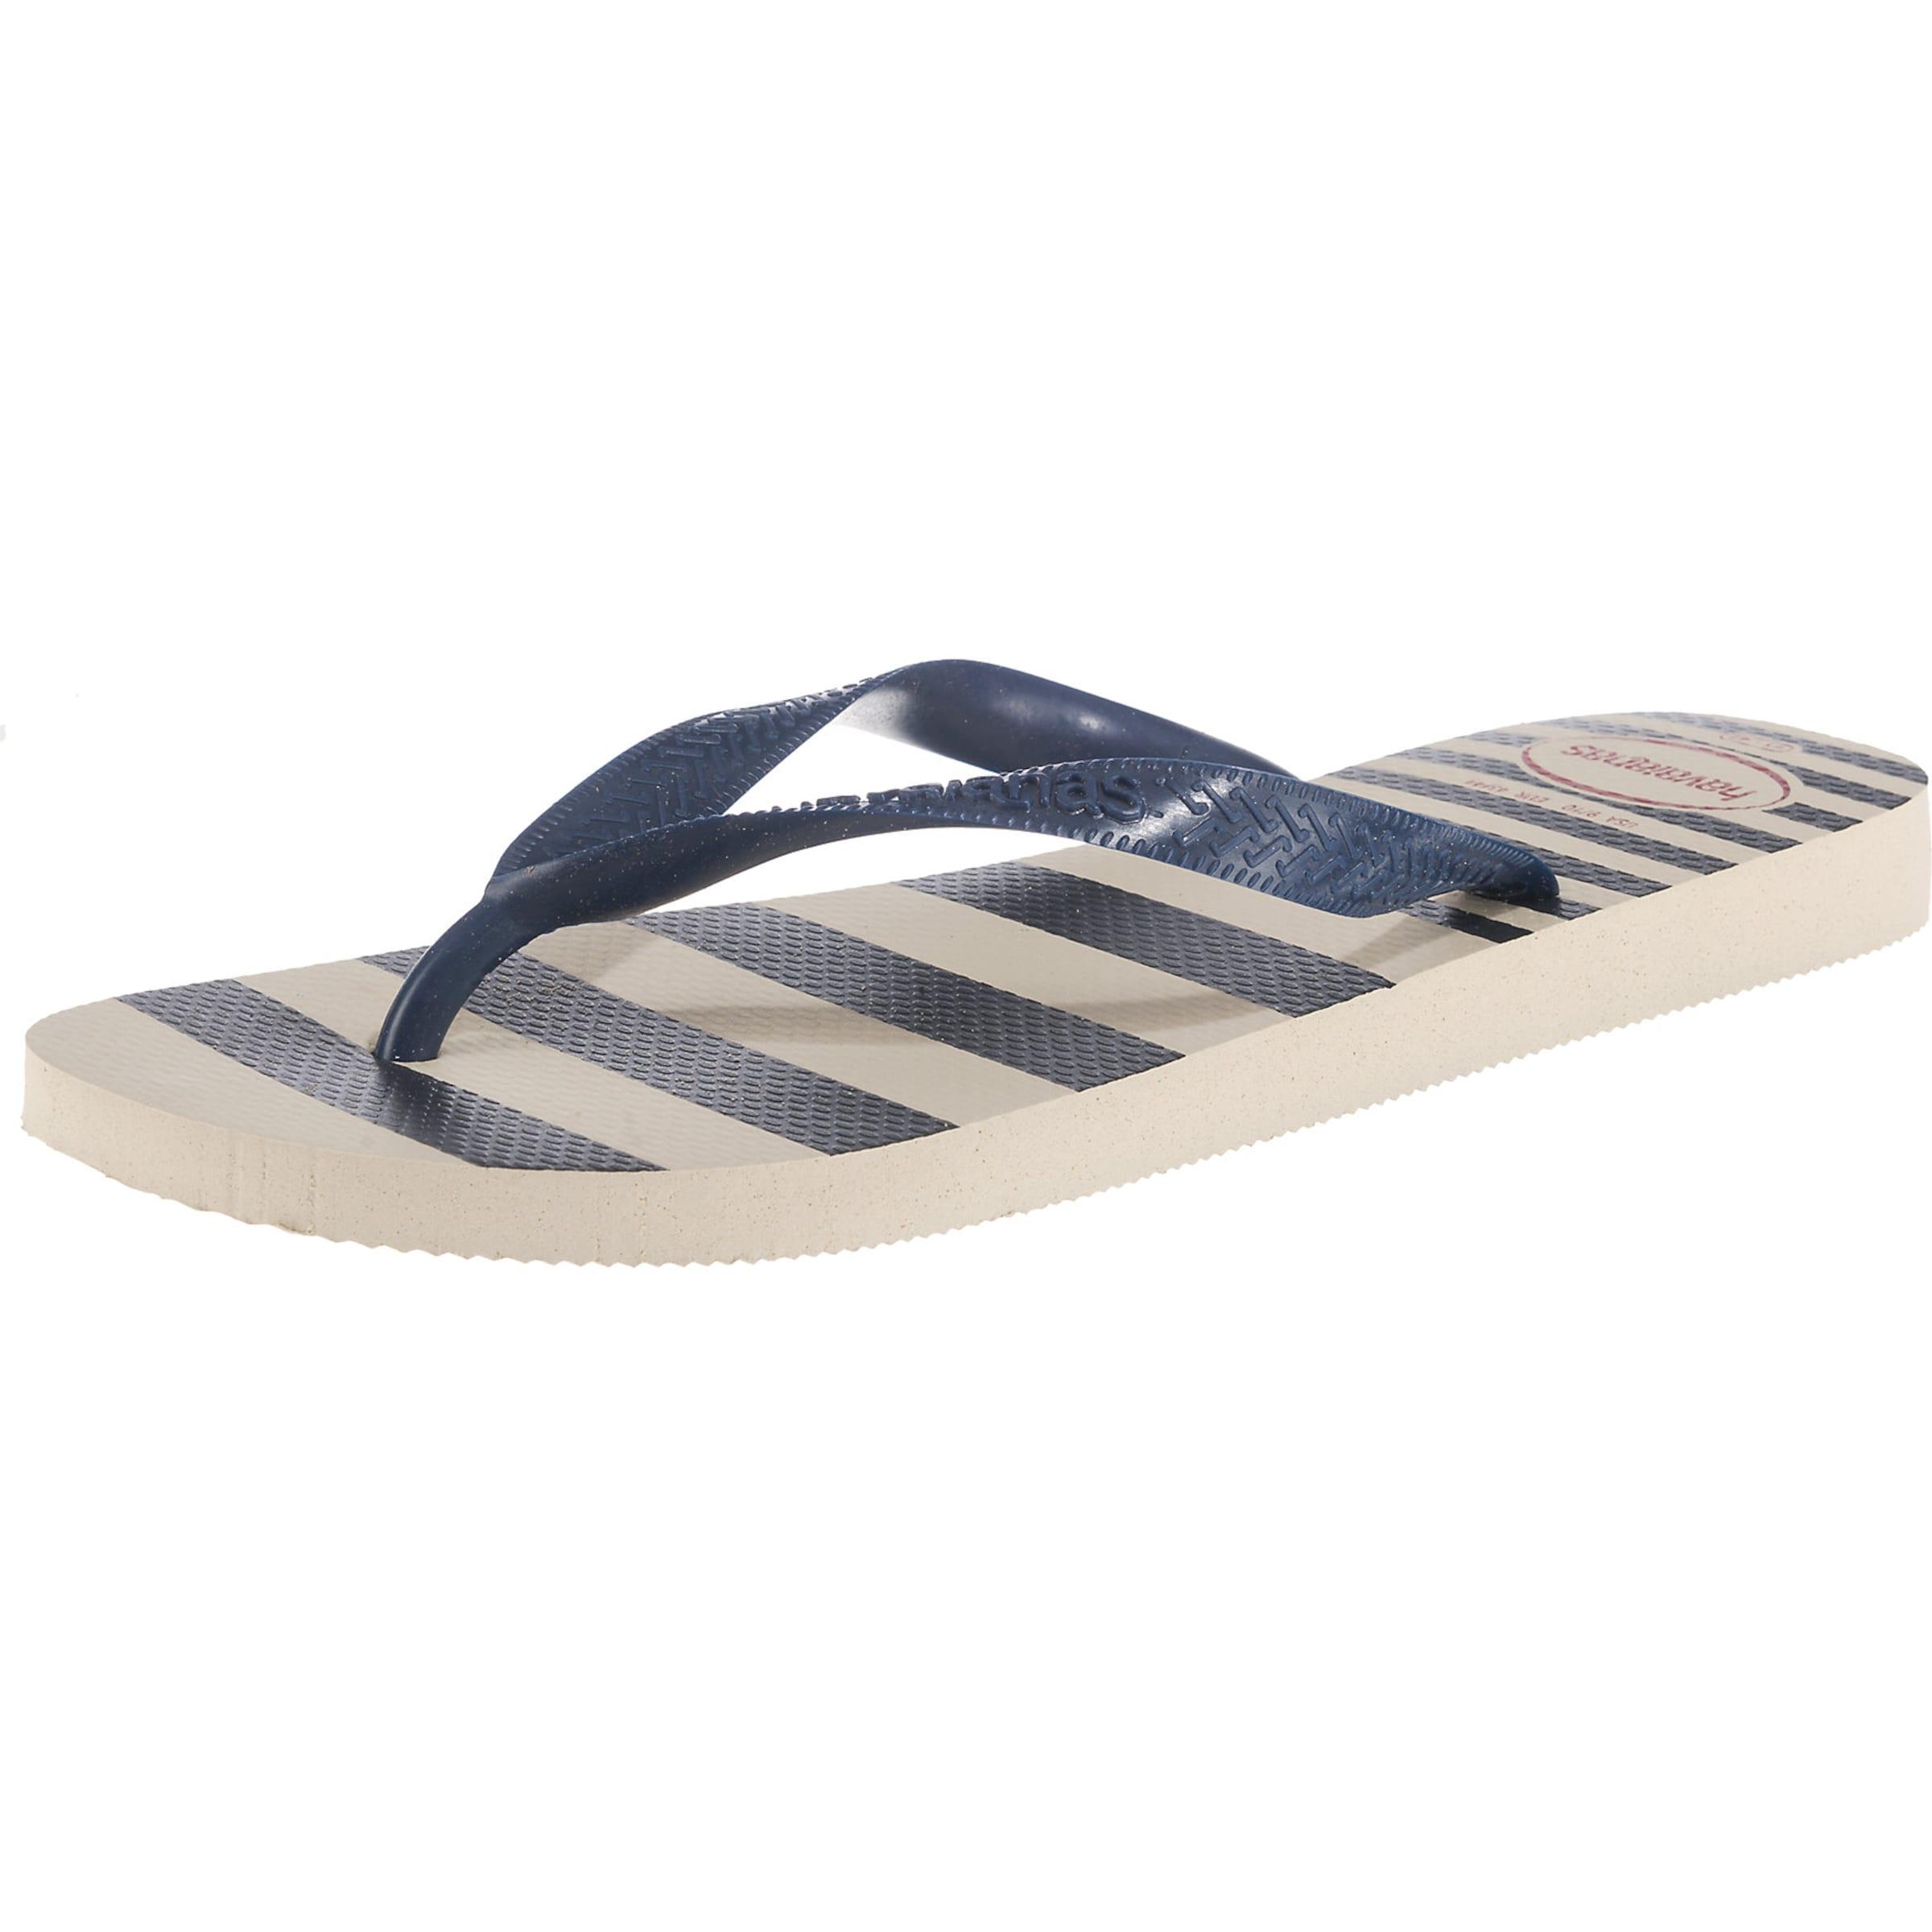 HAVAIANAS Top Retro offene Schuhe Finish Günstiger Preis Günstig Kaufen Neueste Verkauf Outlet-Store 6Hv4w